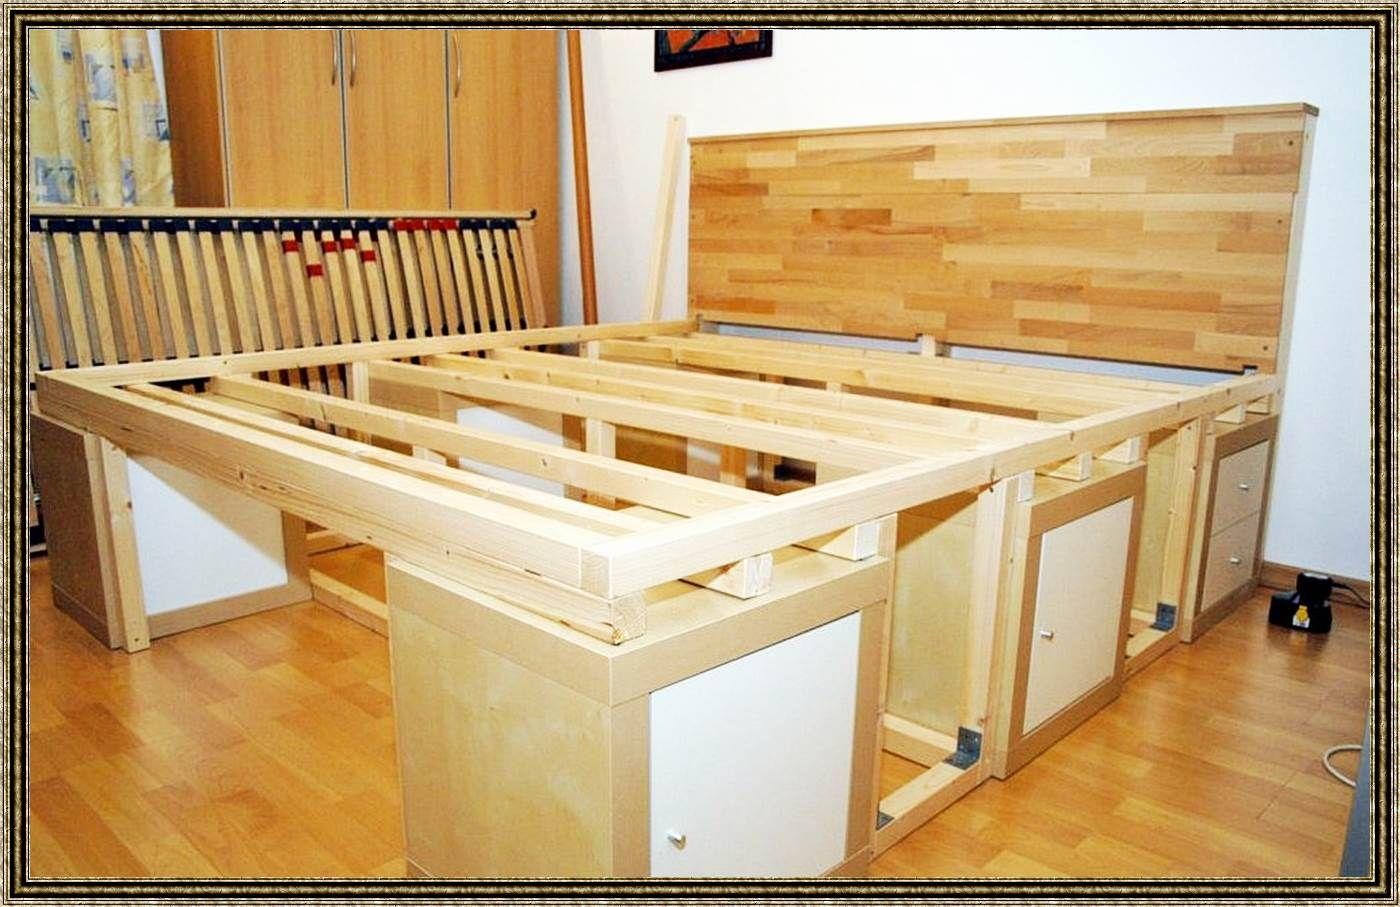 Full Size of Palettenbett Ikea 140x200 Hohes Bett Mit Stauraum Selber Bauen Selbst Betten Bei Küche Kosten 160x200 Kaufen Miniküche Sofa Schlaffunktion Modulküche Wohnzimmer Palettenbett Ikea